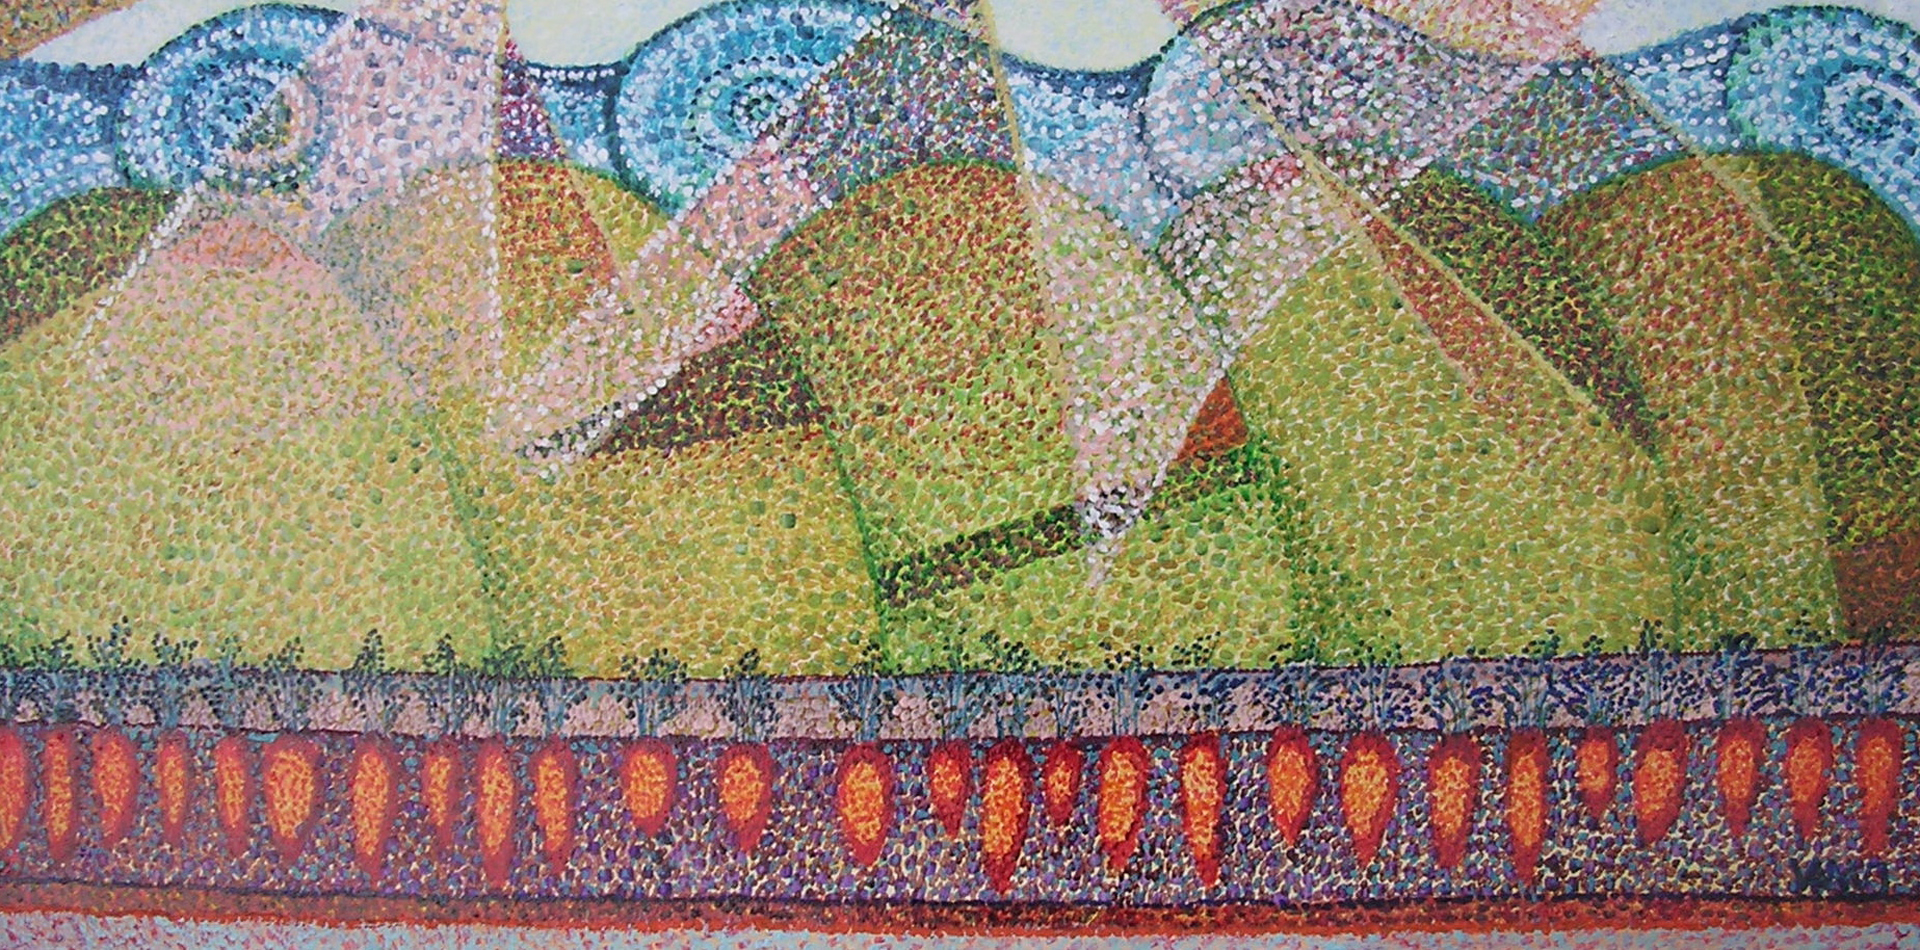 Paesaggio con campo di carote